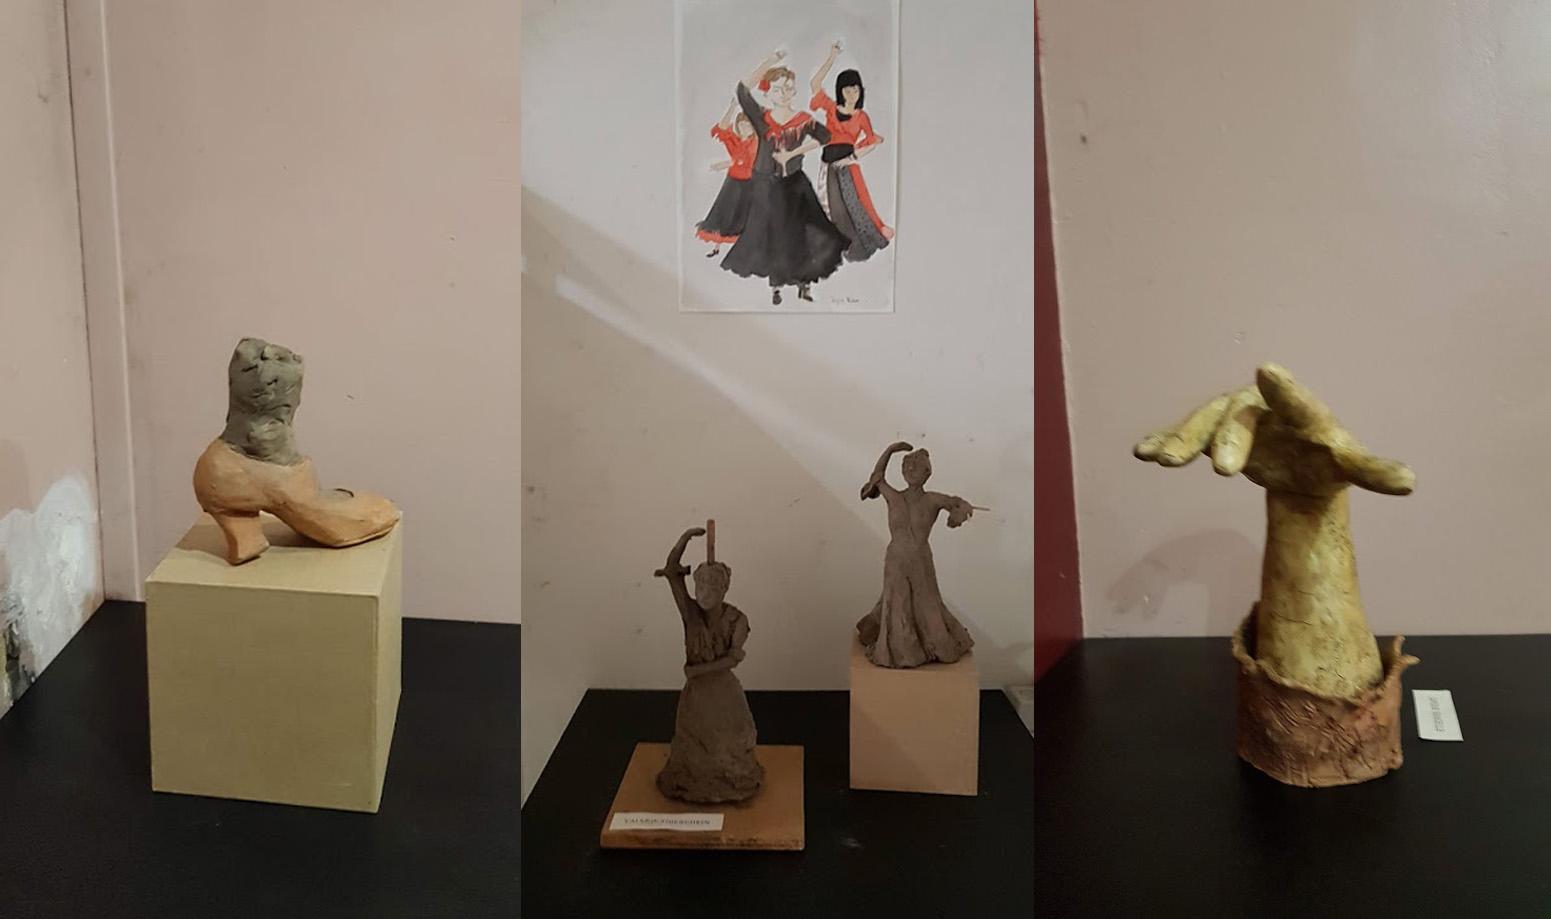 Il s'agit de 2 petites sculptures et d'un dessin représentant des femmes qui dansent le flamenco faite par un élève de la Sbac